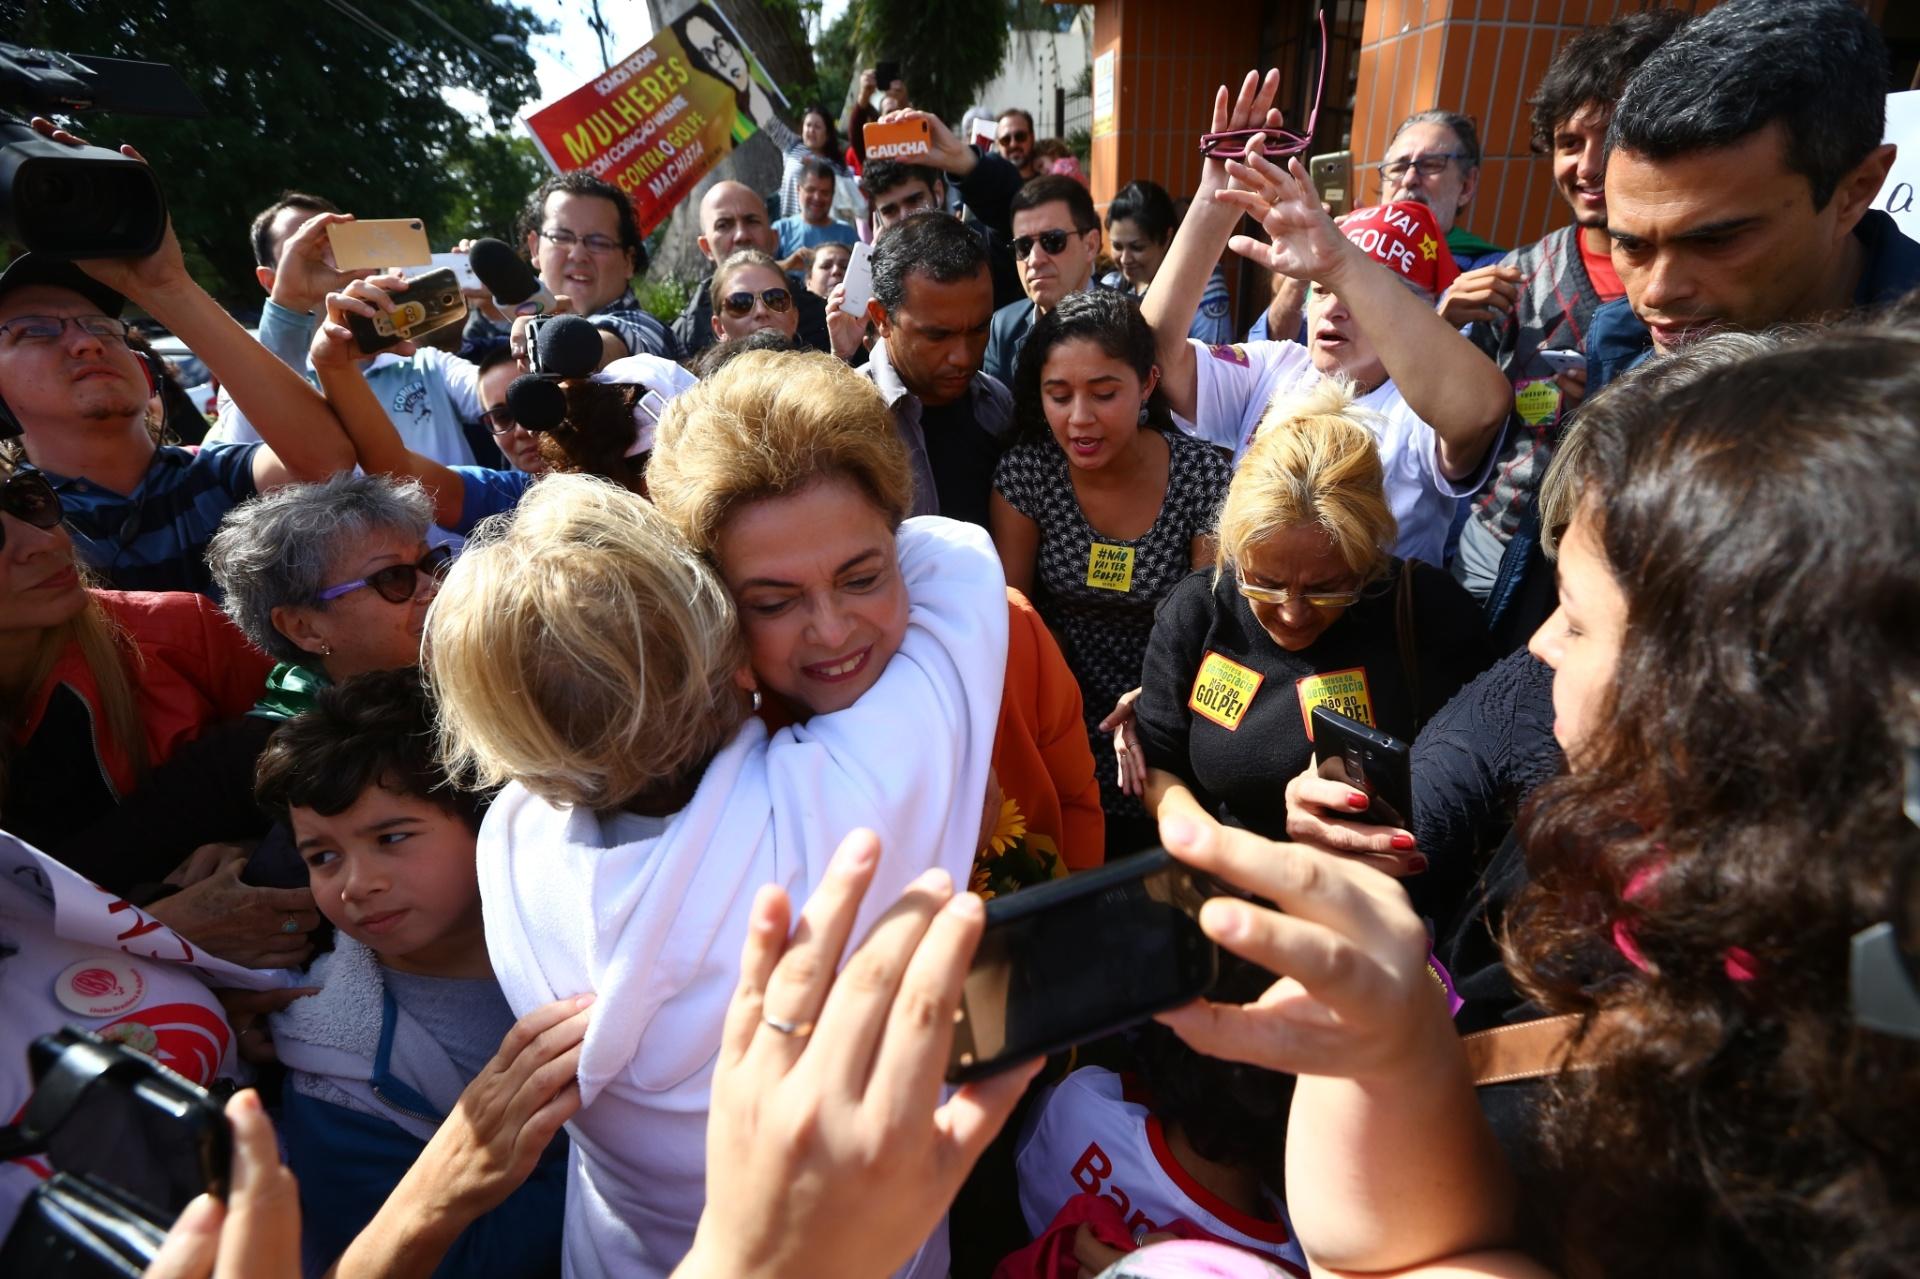 8.mai.2016 - Um grupo de pelo menos 60 pessoas, composto em sua maioria por mulheres, se reuniu em frente à residência da presidente Dilma Rousseff, na zona sul de Porto Alegre. A presidente ganhou abraços em comemoração do Dia das Mães